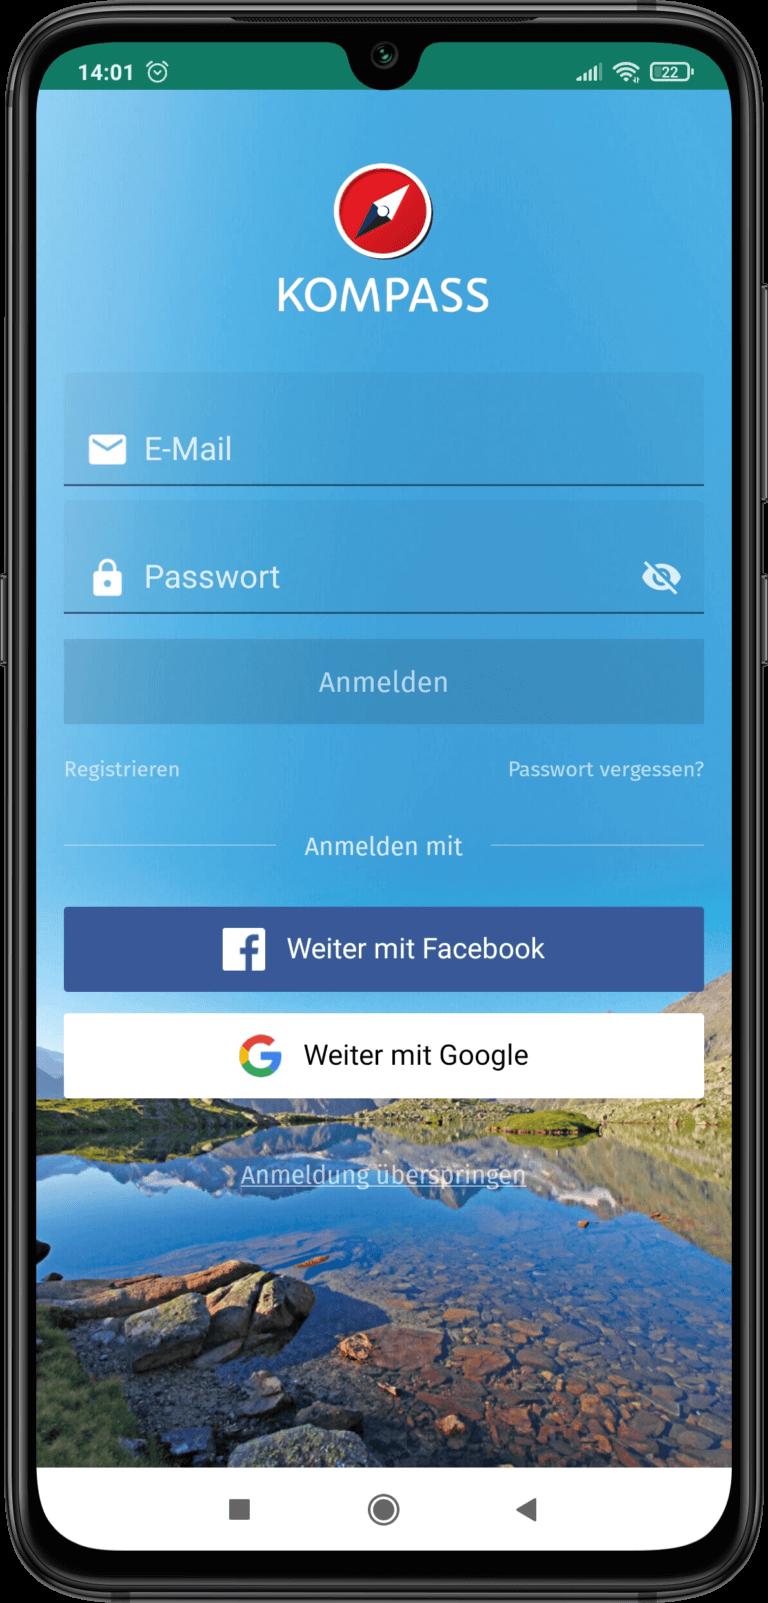 App Screenshot - Login Seite der Kompass App